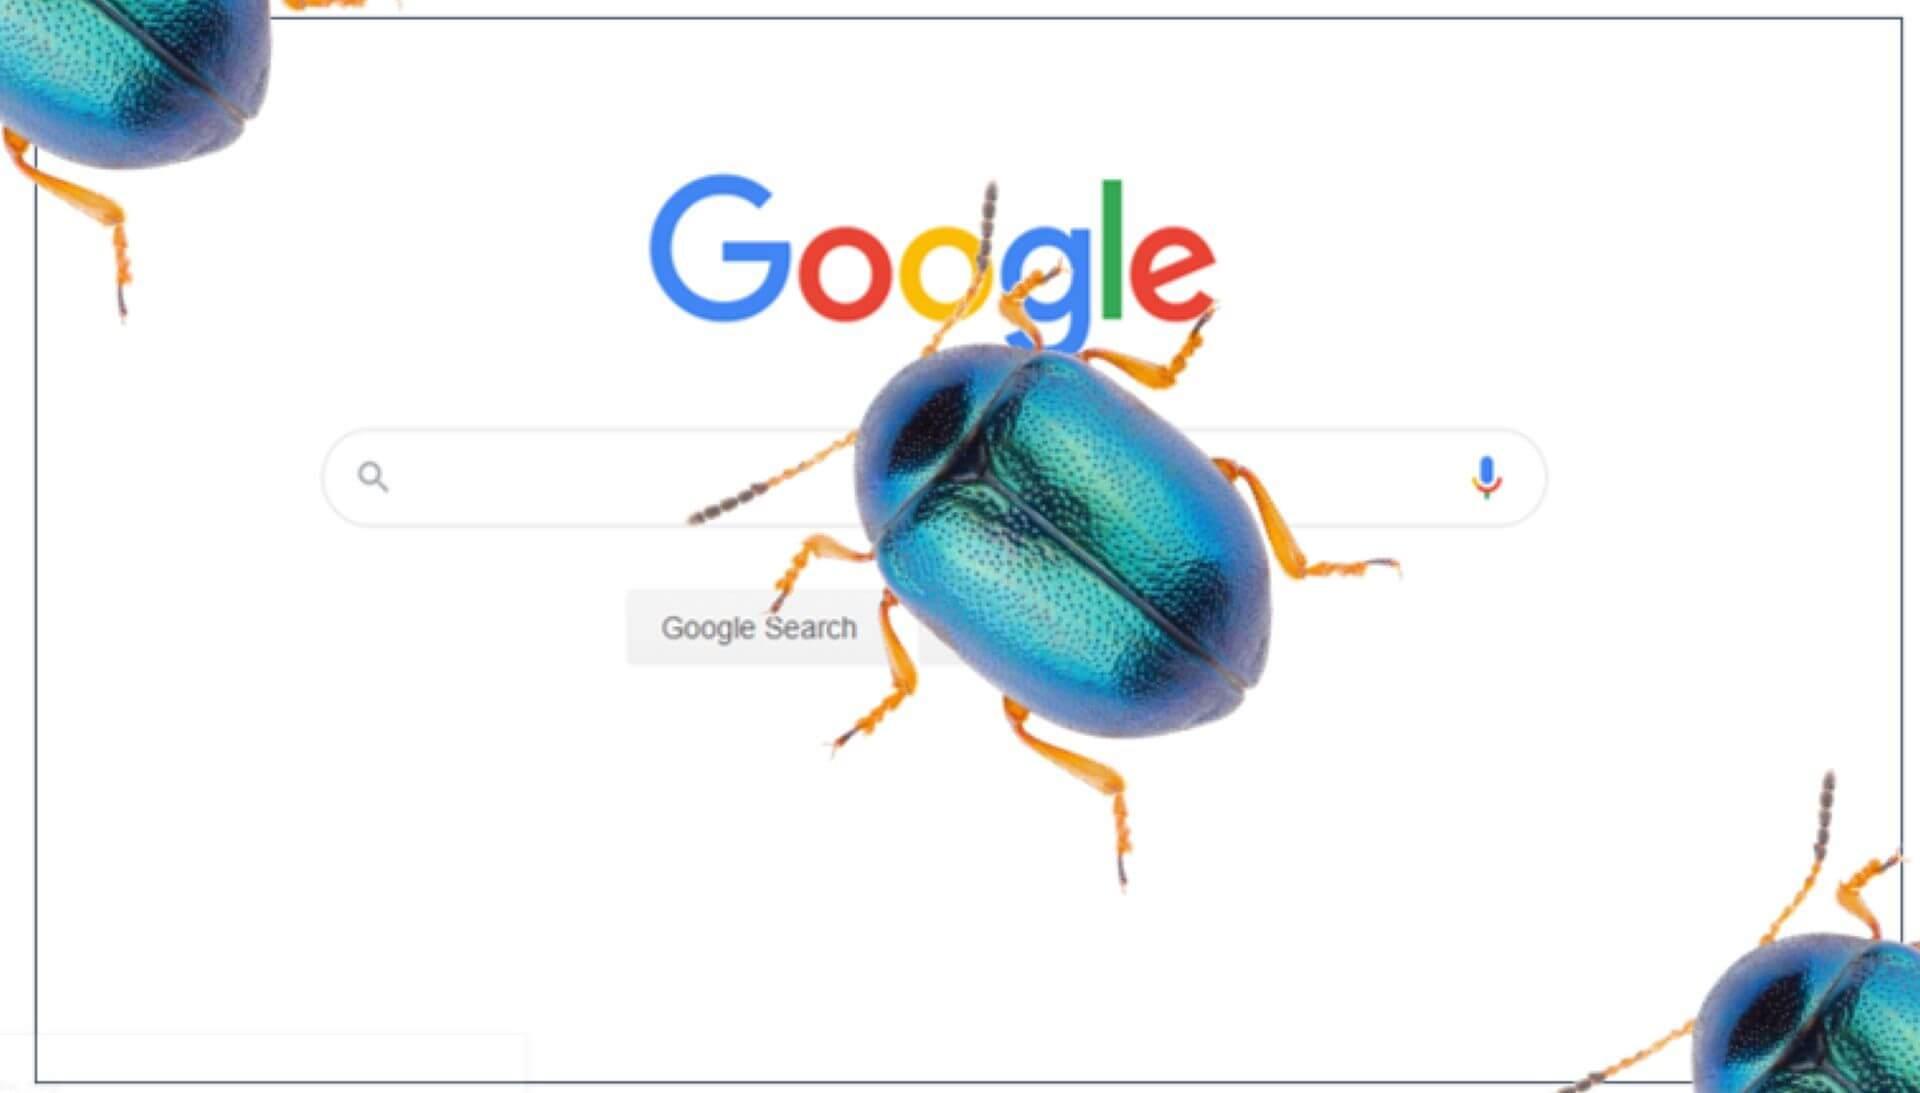 Google confirma problemas de indexación tanto con canonicalización como con indexación móvil